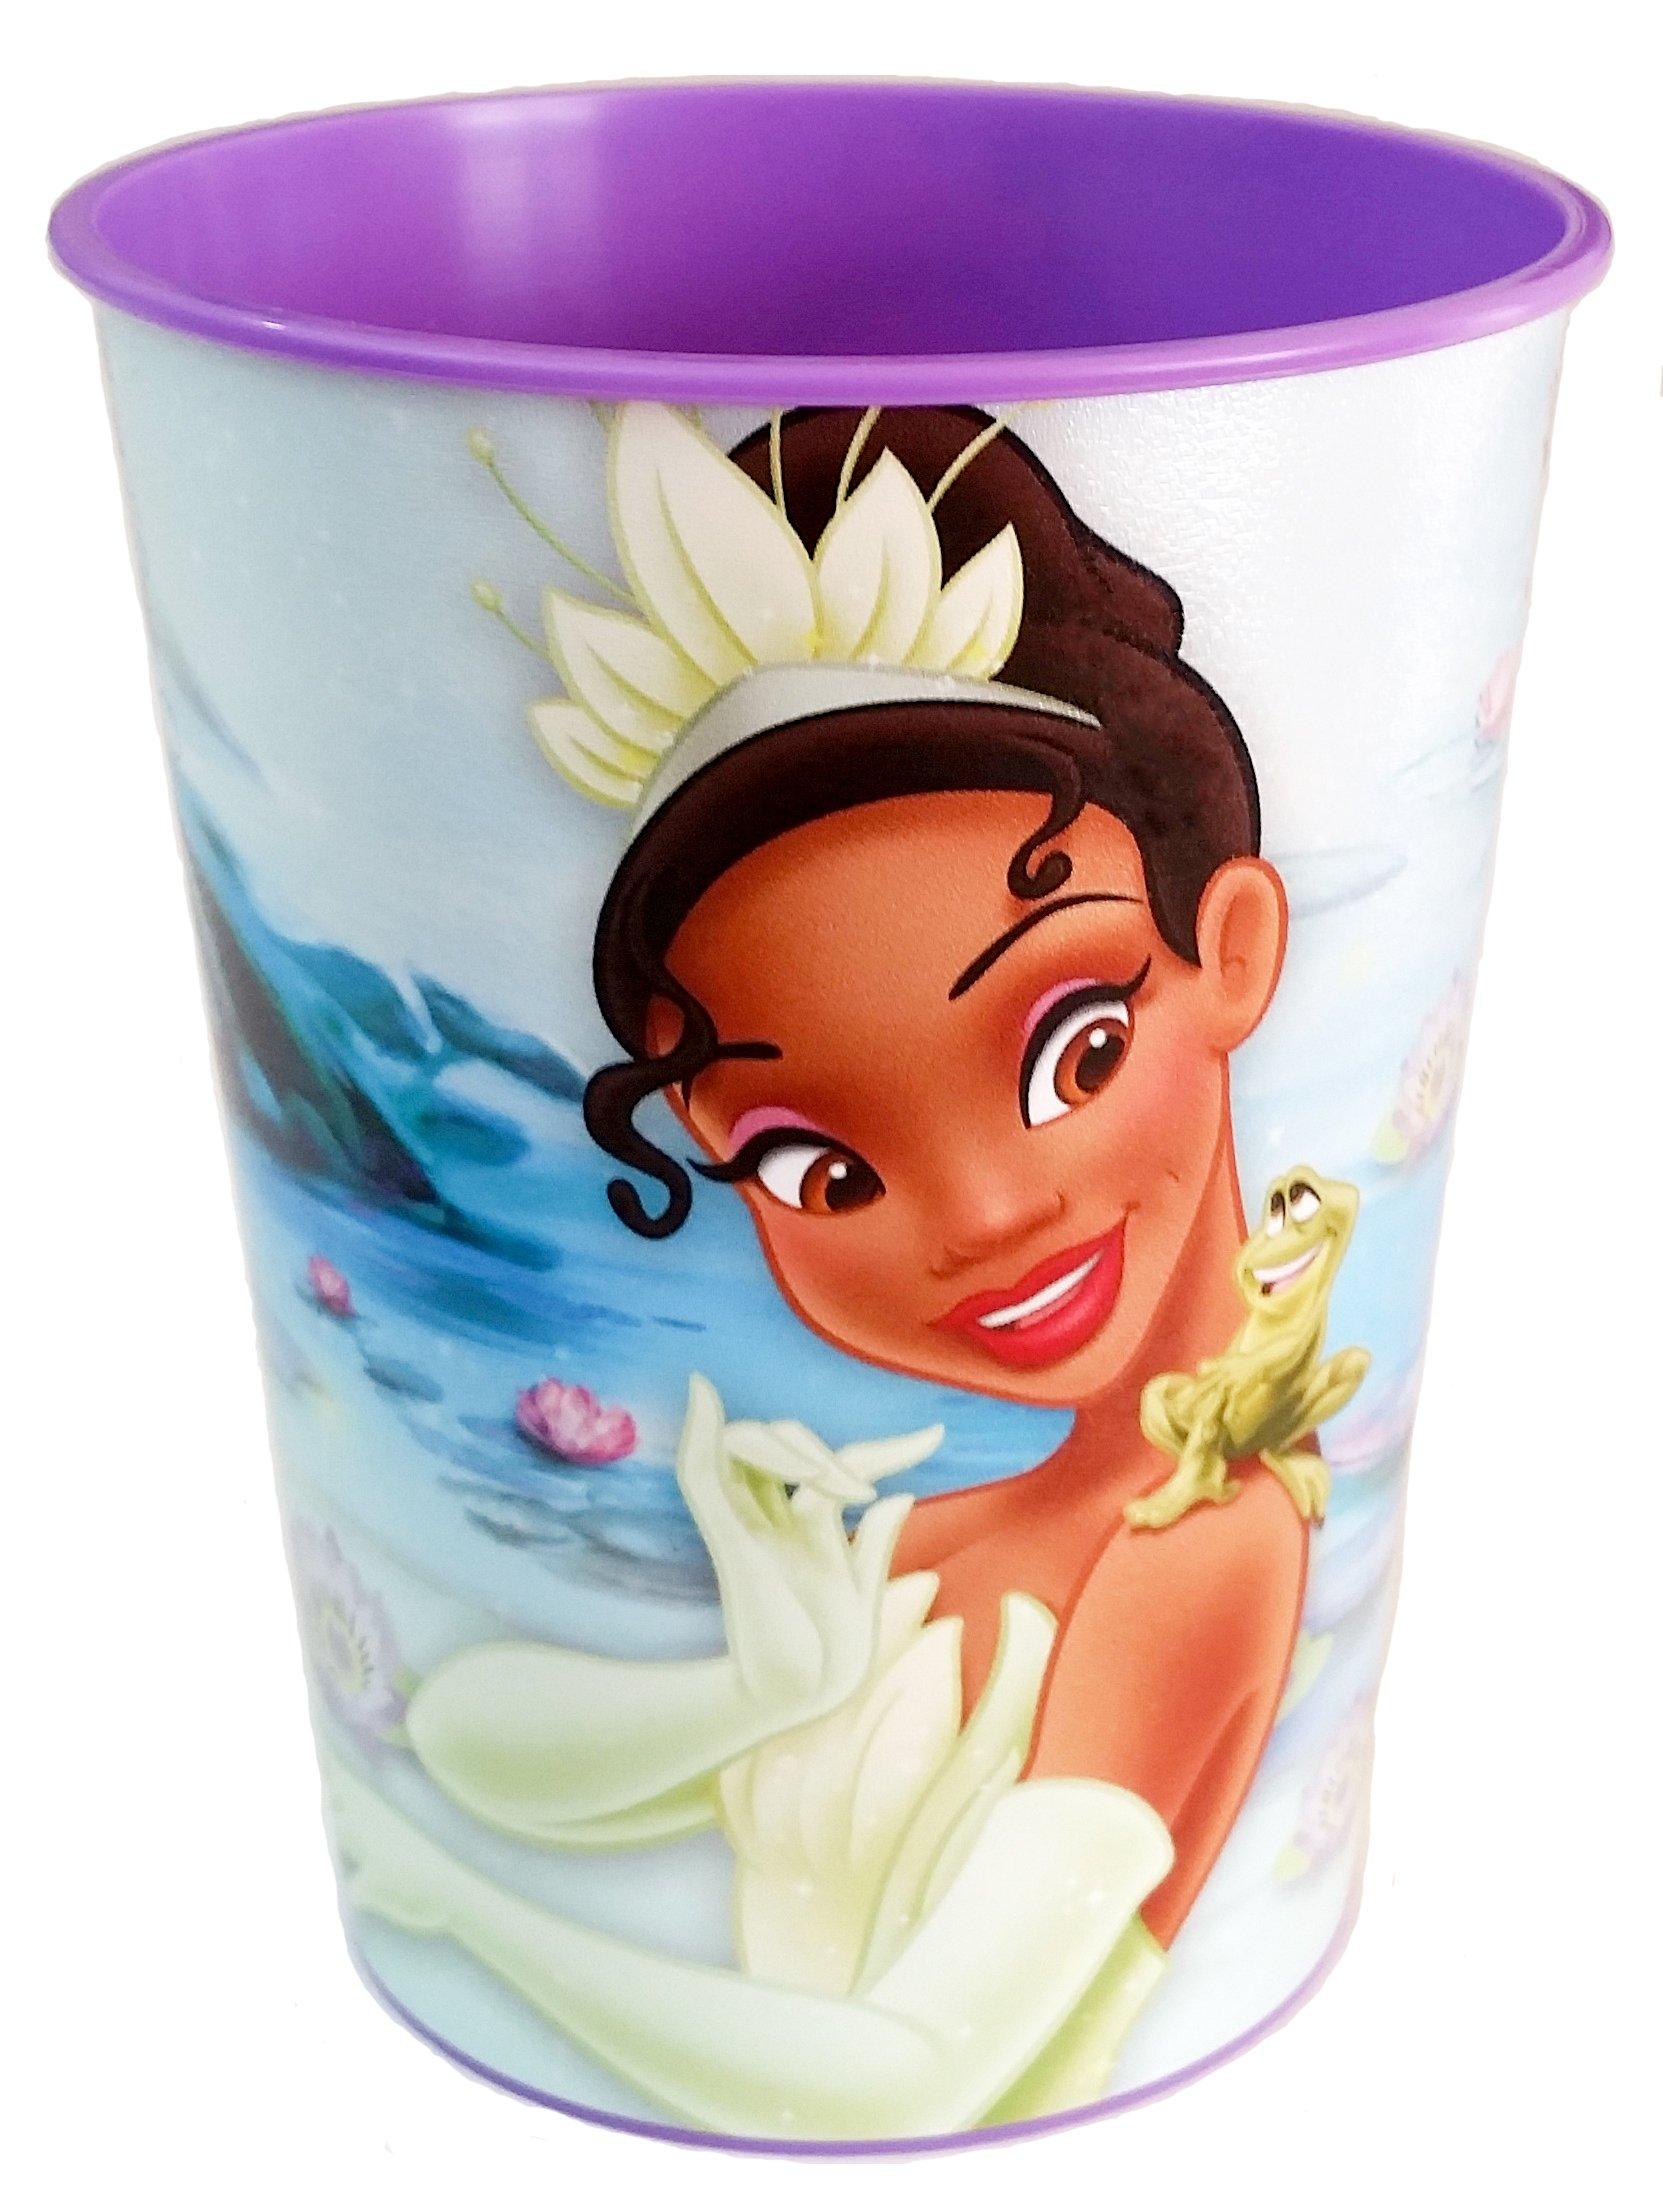 Princess & the Frog. Princess Tiana 16oz Reusable Cups. Set of 12 Cups.